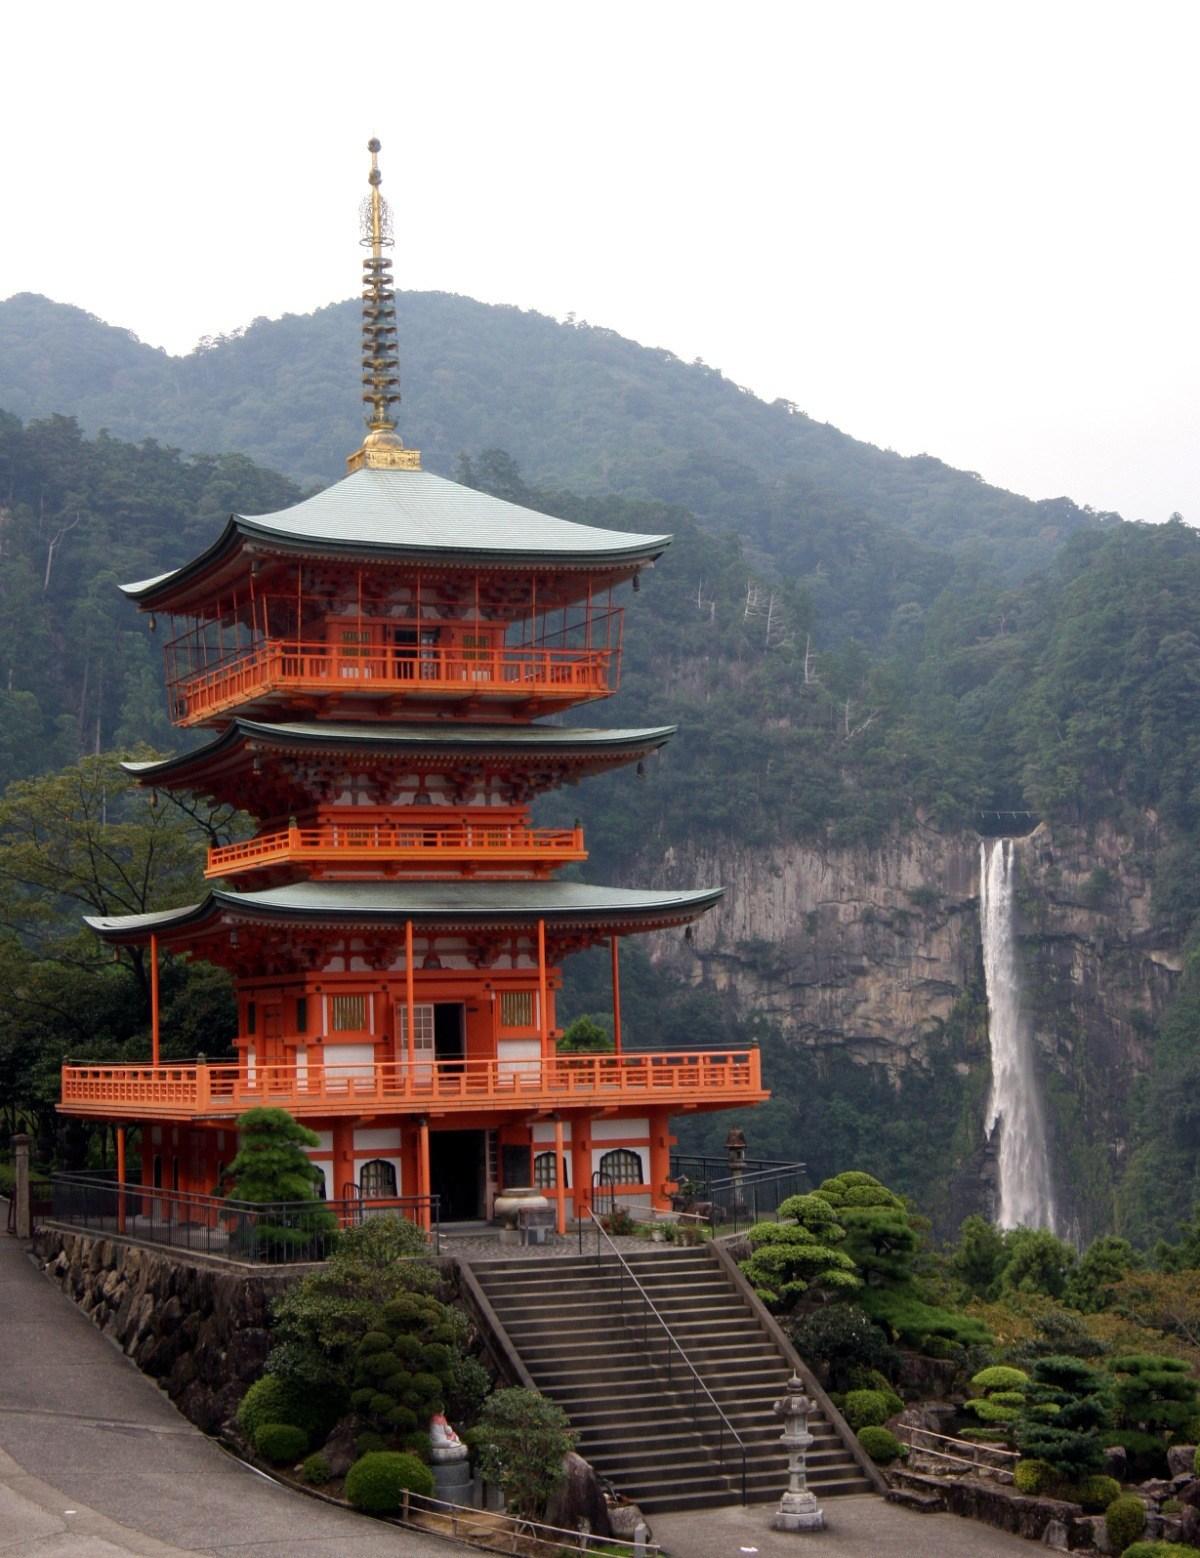 Ciekawe miejsca wJaponii: pagoda, świątynia Seiganto-ji wNatchikatsuura